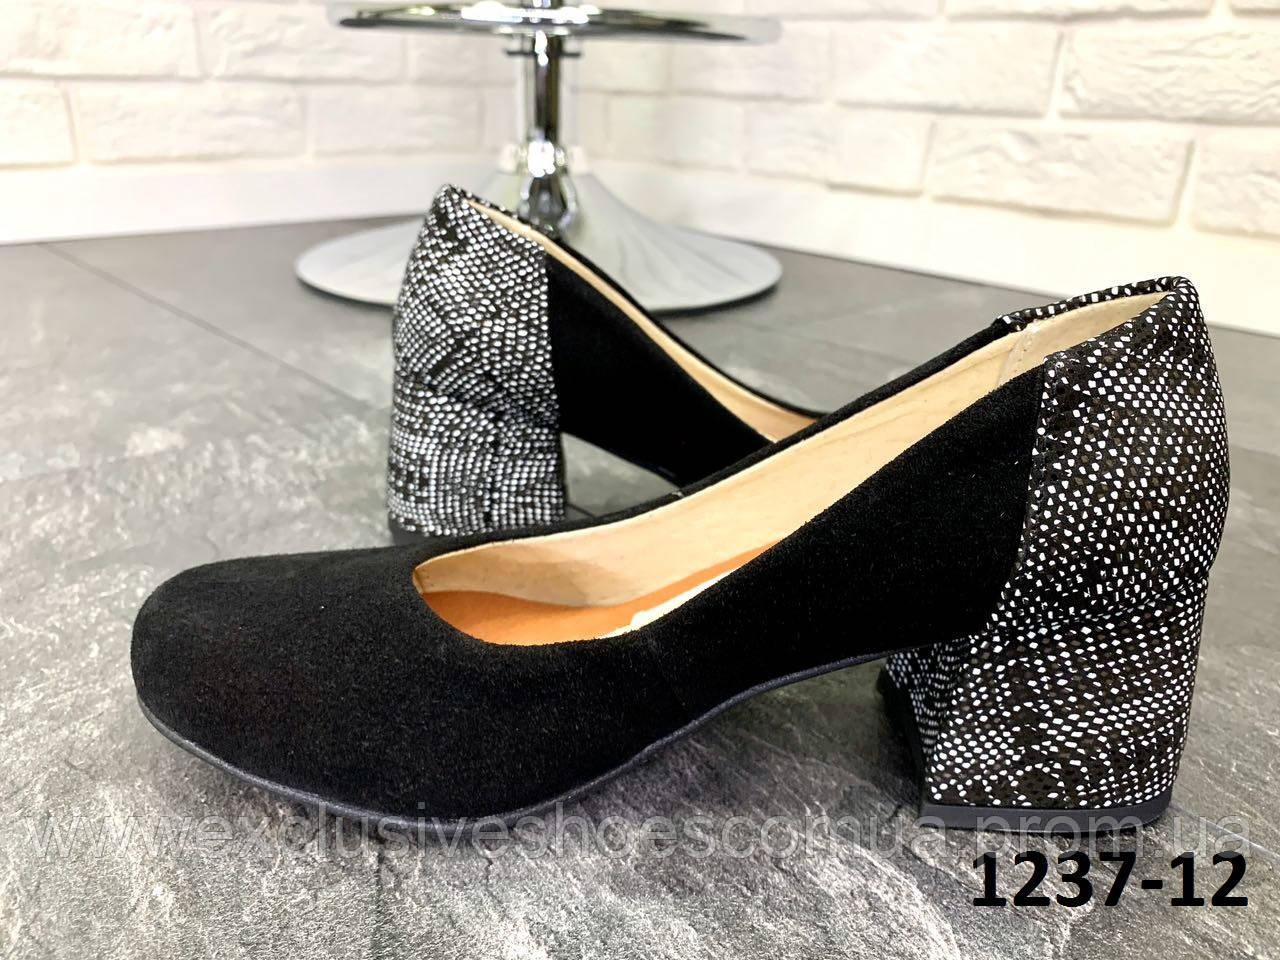 Туфлі жіночі замшеві чорні човники на підборах з принтом на п'яті